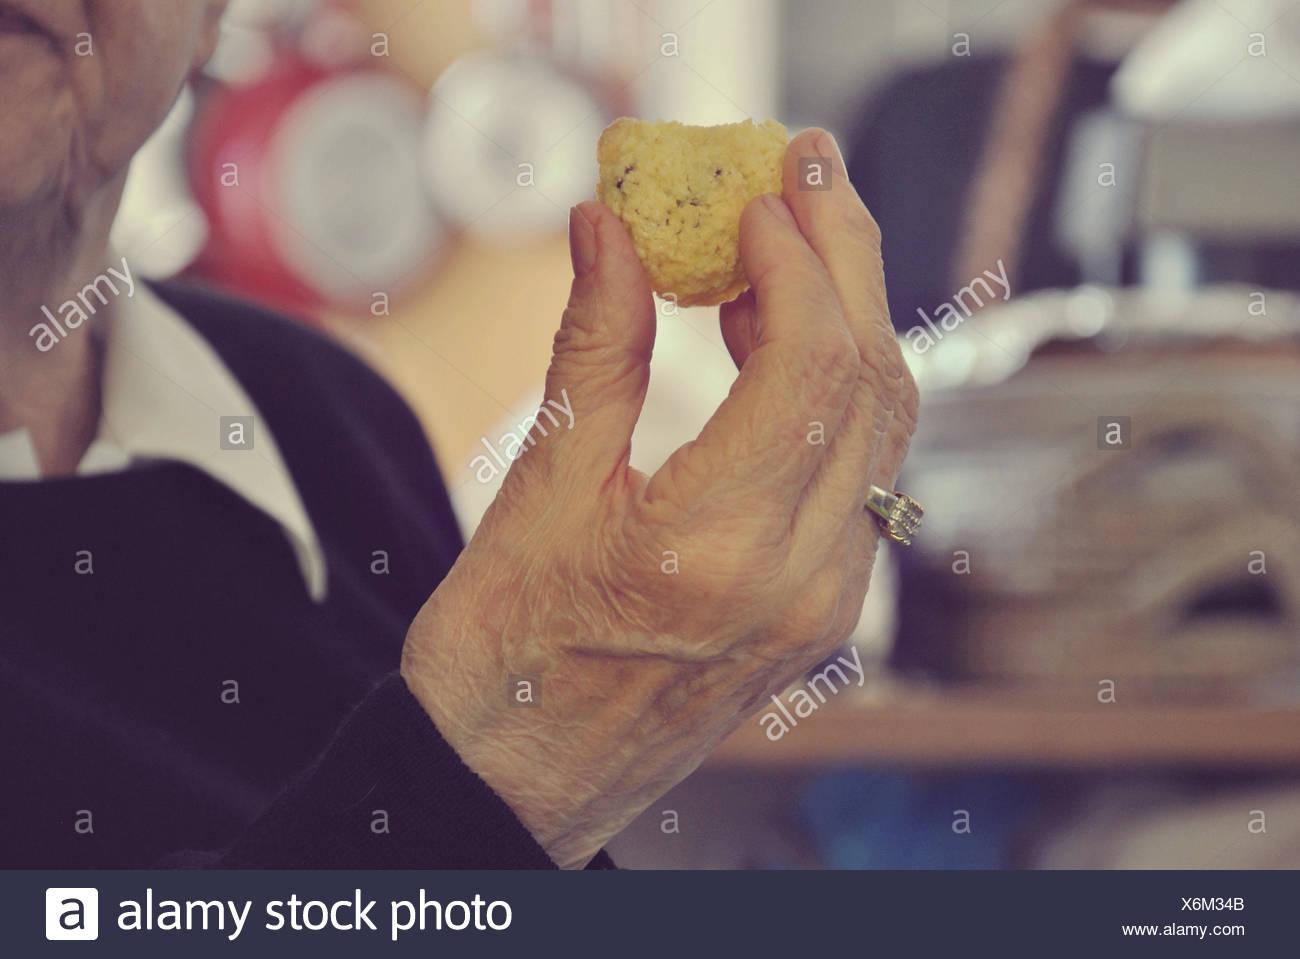 Elderly lady eating cake - Stock Image